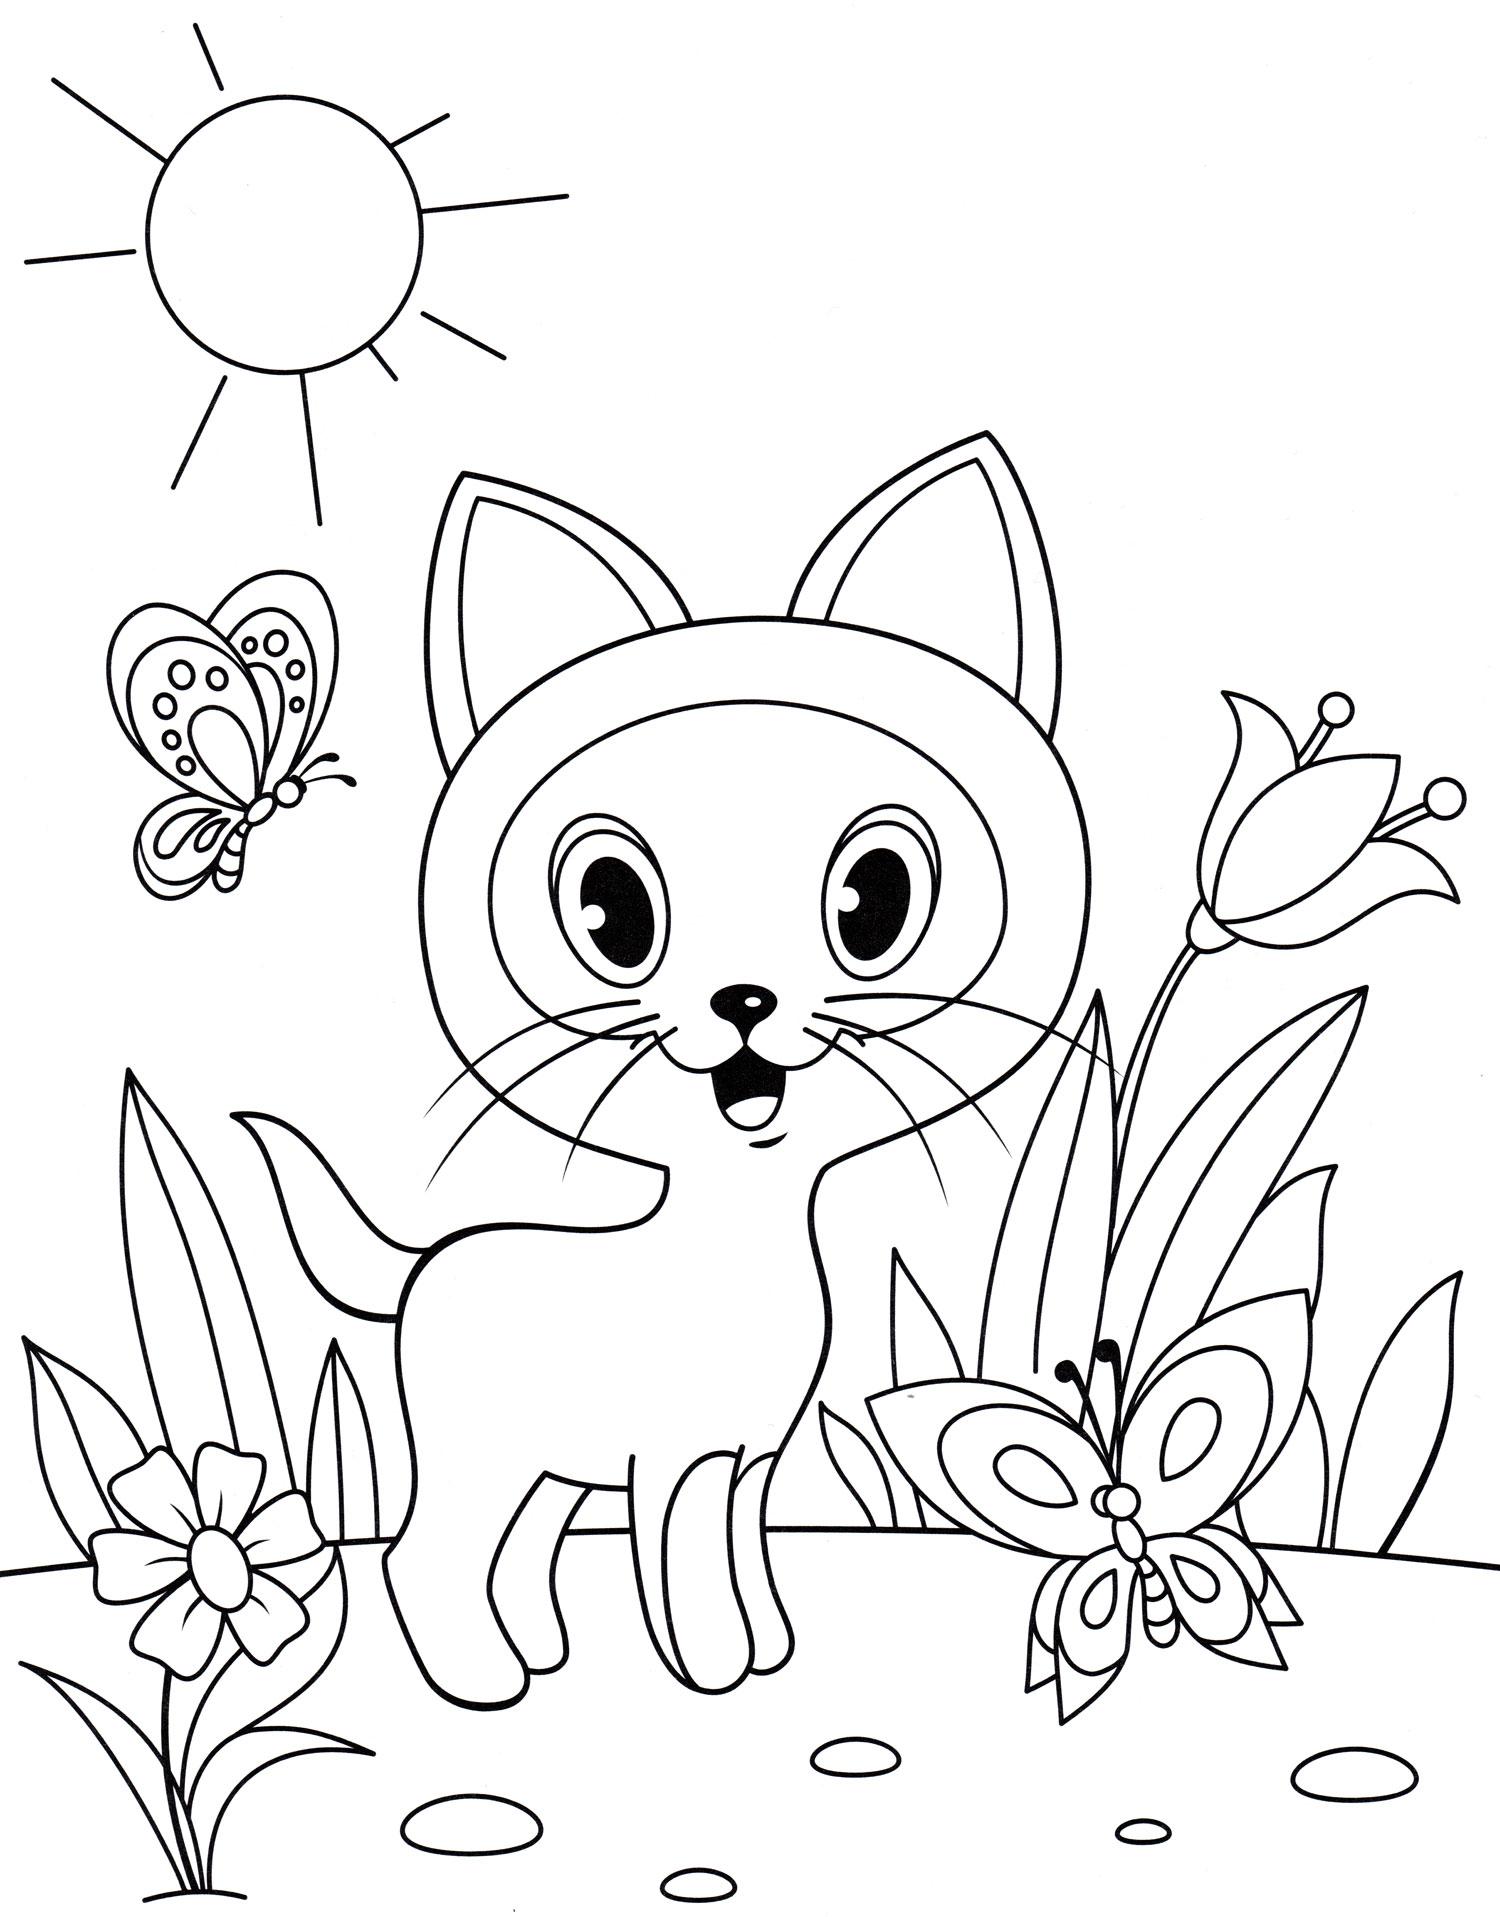 Раскраска Котенок Гав на солнышке - распечатать бесплатно